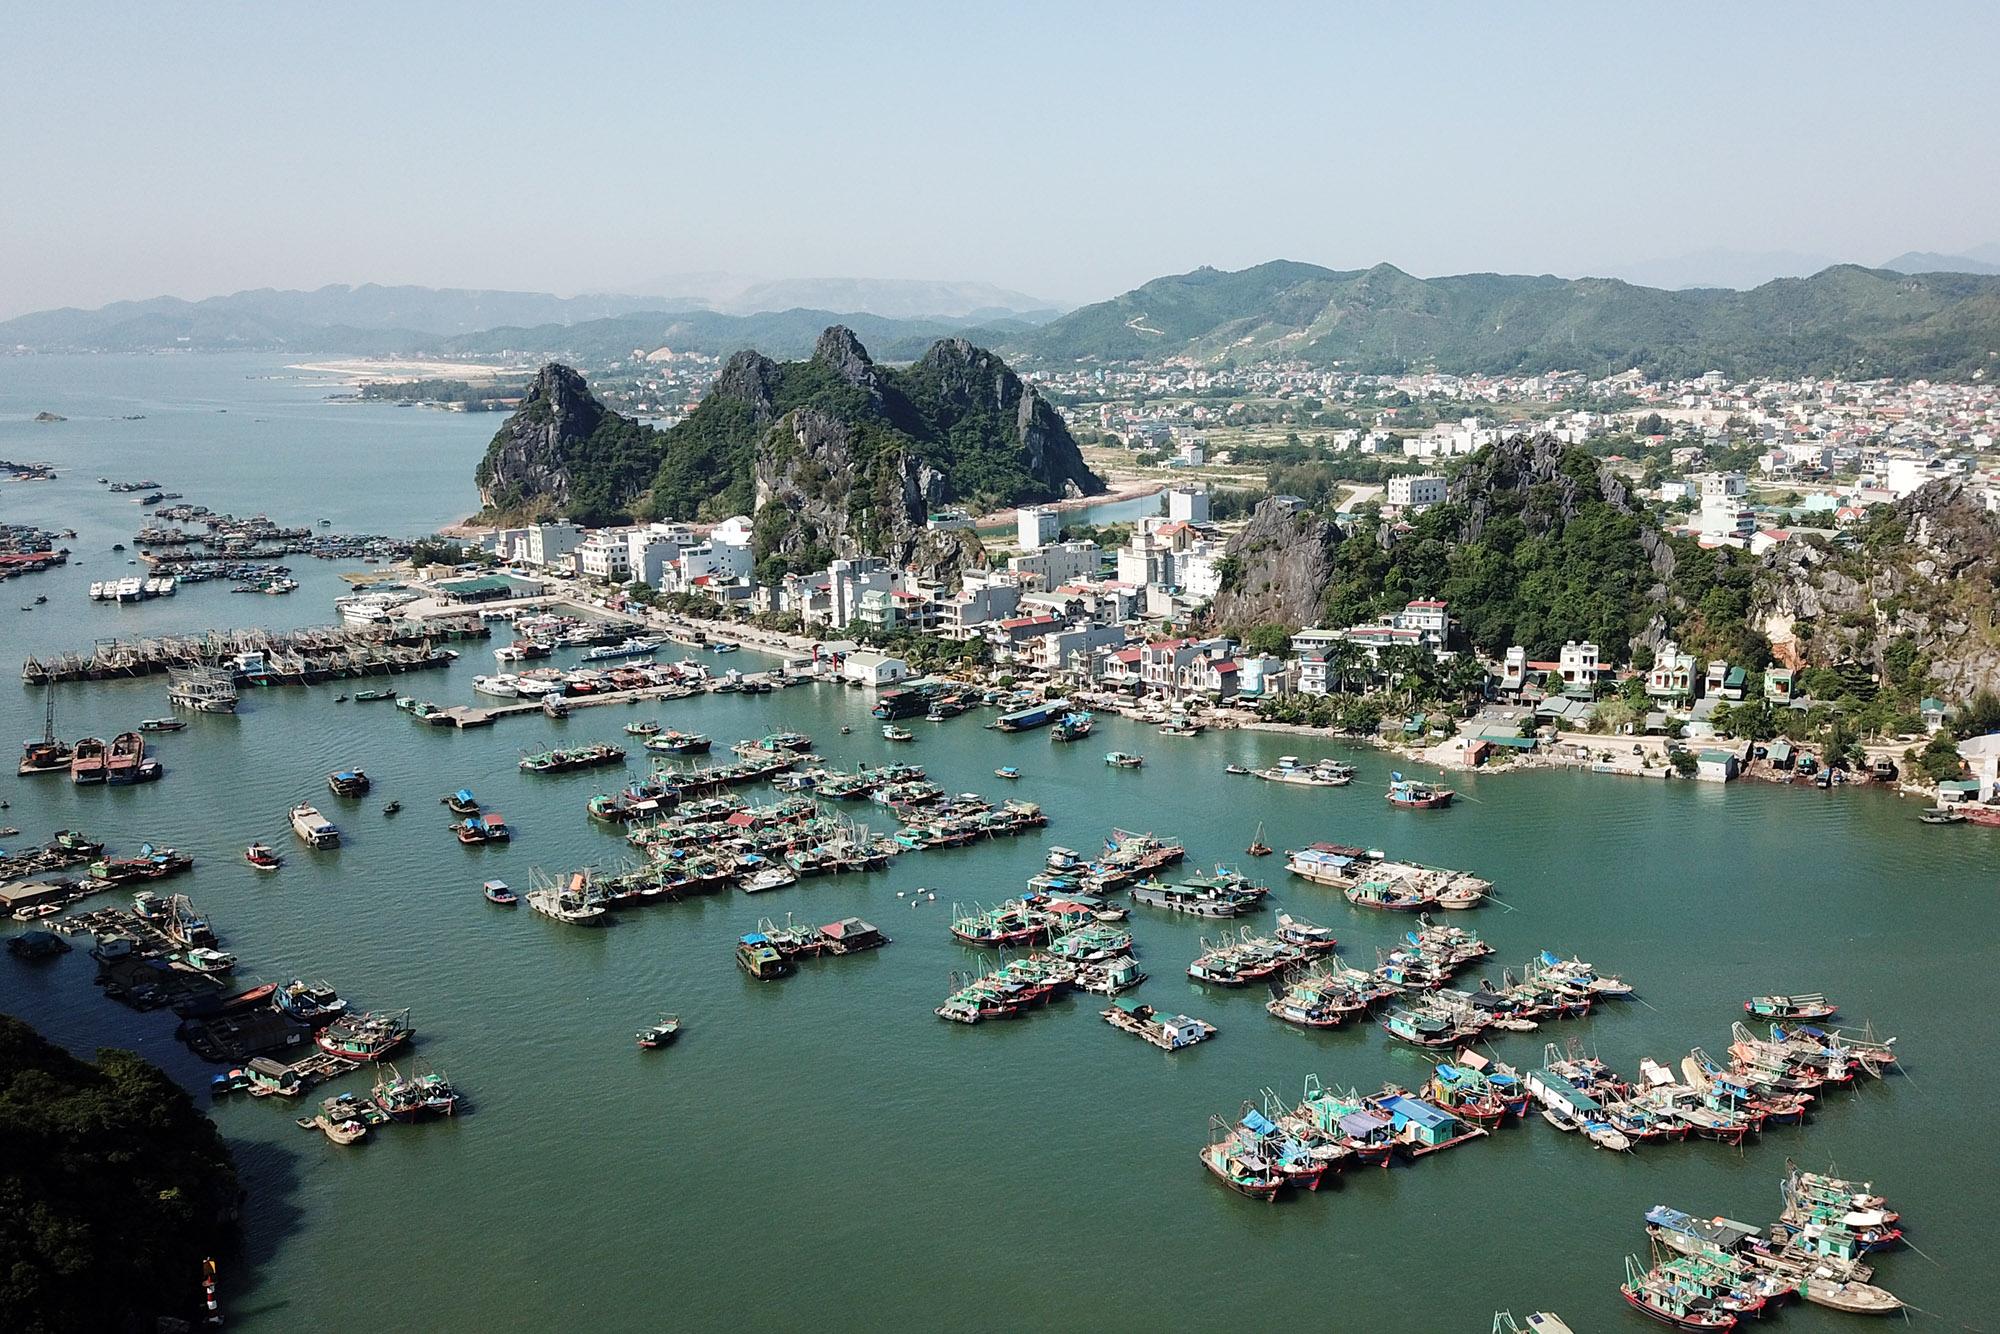 Khu công viên Hòn Rồng tại Quảng Ninh được tăng vốn lên hơn 500 tỷ đồng - Ảnh 1.